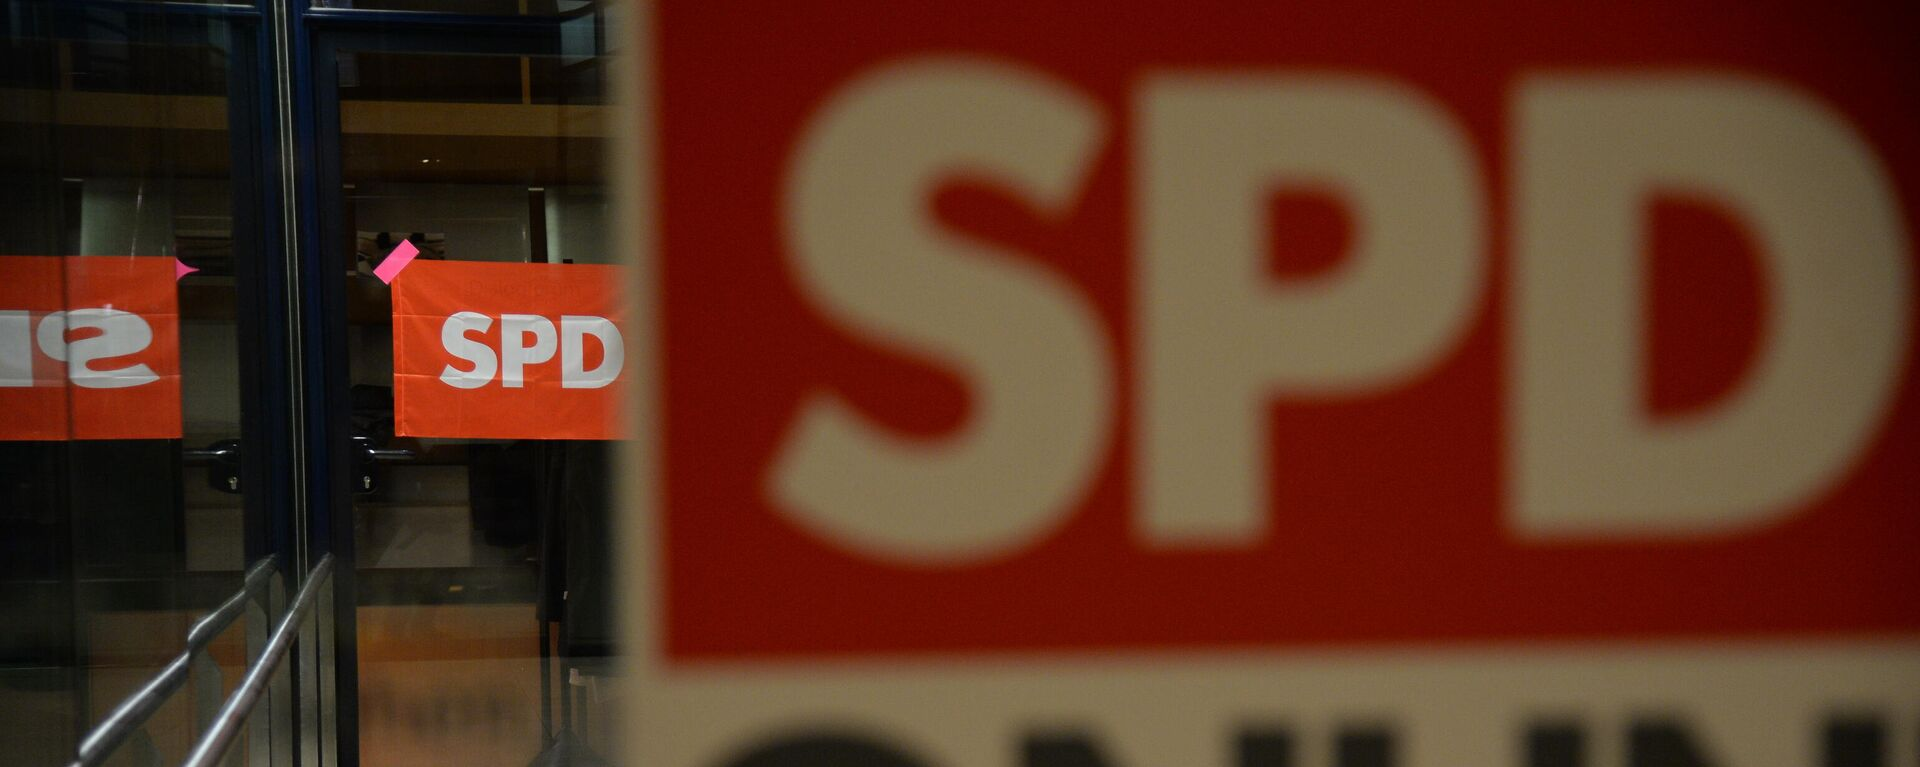 Le QG du SPD allemand - Sputnik France, 1920, 26.09.2021